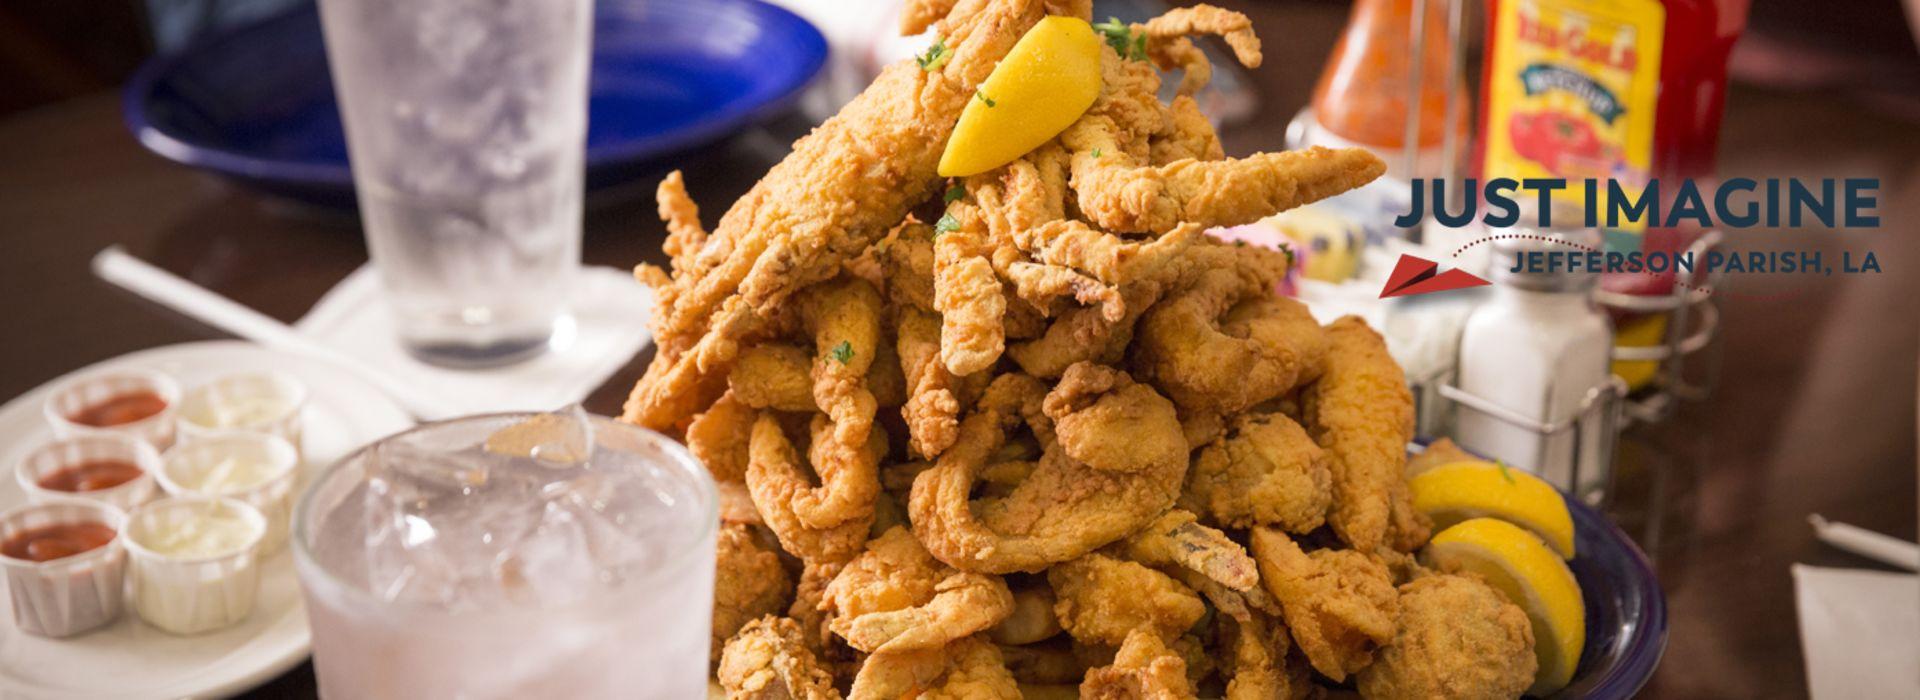 Just Imagine Seafood